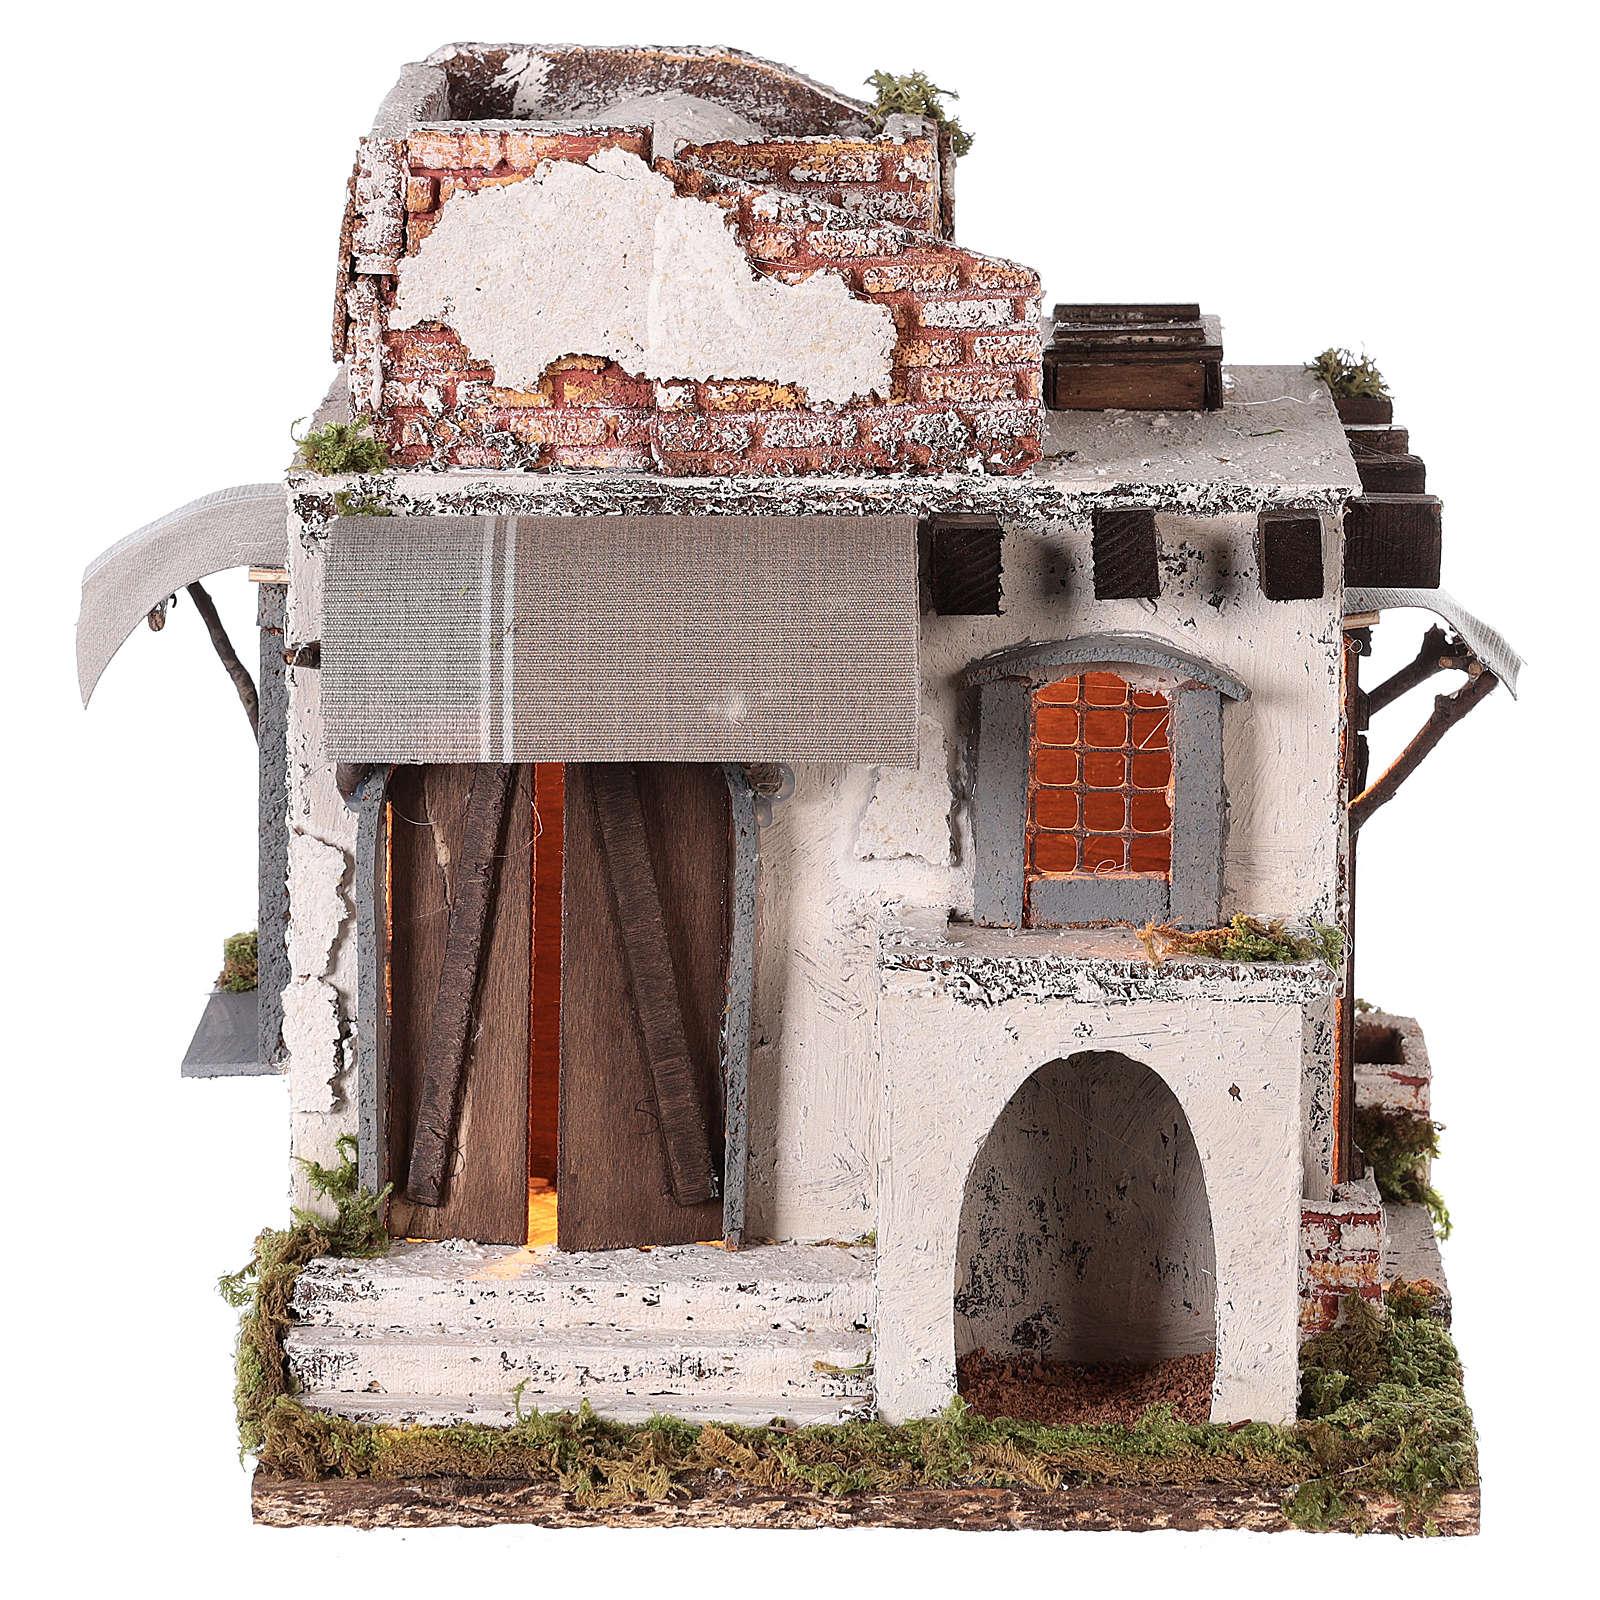 Casa mora puertas y ventanas pesebre napolitano 30x30x25 cm 4